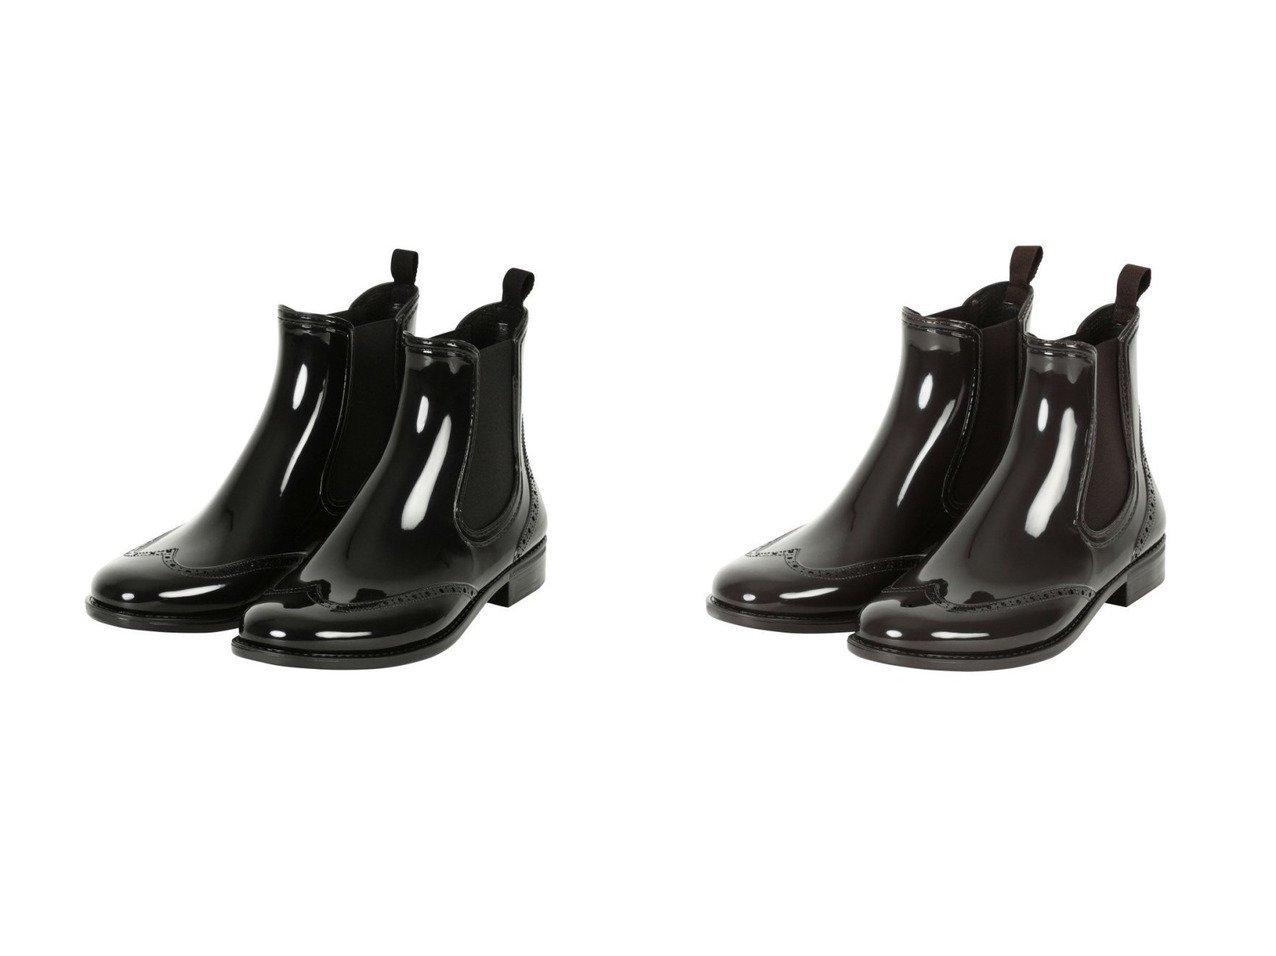 【TWW / Traditional Weatherwear/トラディショナル ウェザーウェア】のWING TIP SIDEGORE RAINBOOTS 【シューズ・靴】おすすめ!人気、トレンド・レディースファッションの通販   おすすめで人気の流行・トレンド、ファッションの通販商品 インテリア・家具・メンズファッション・キッズファッション・レディースファッション・服の通販 founy(ファニー) https://founy.com/ ファッション Fashion レディースファッション WOMEN シューズ |ID:crp329100000050470